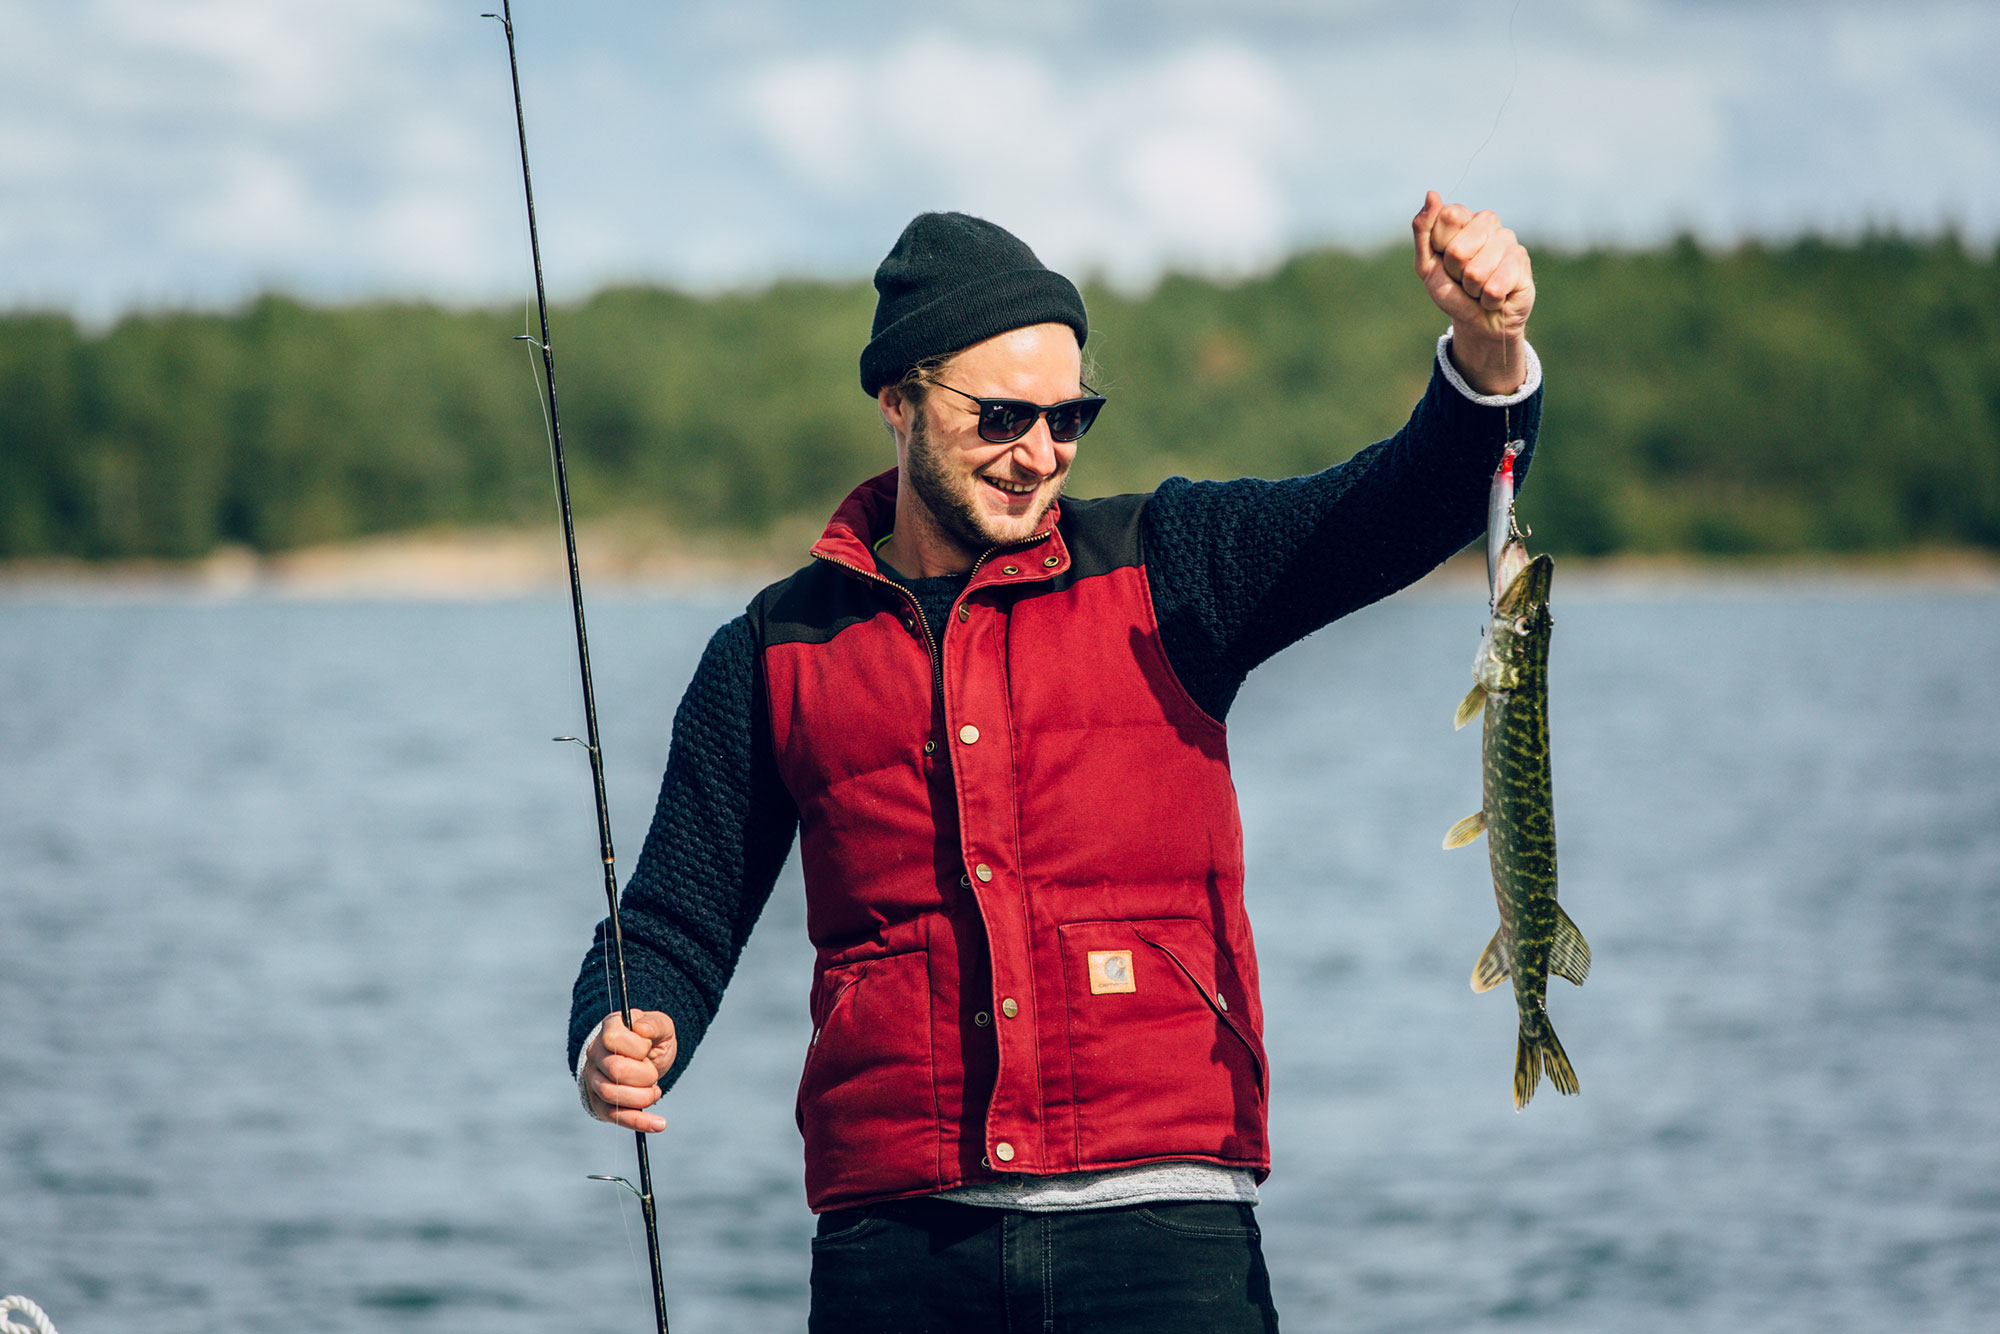 Frisch gefangener Fisch, den man sich später selbst zubereiten kann